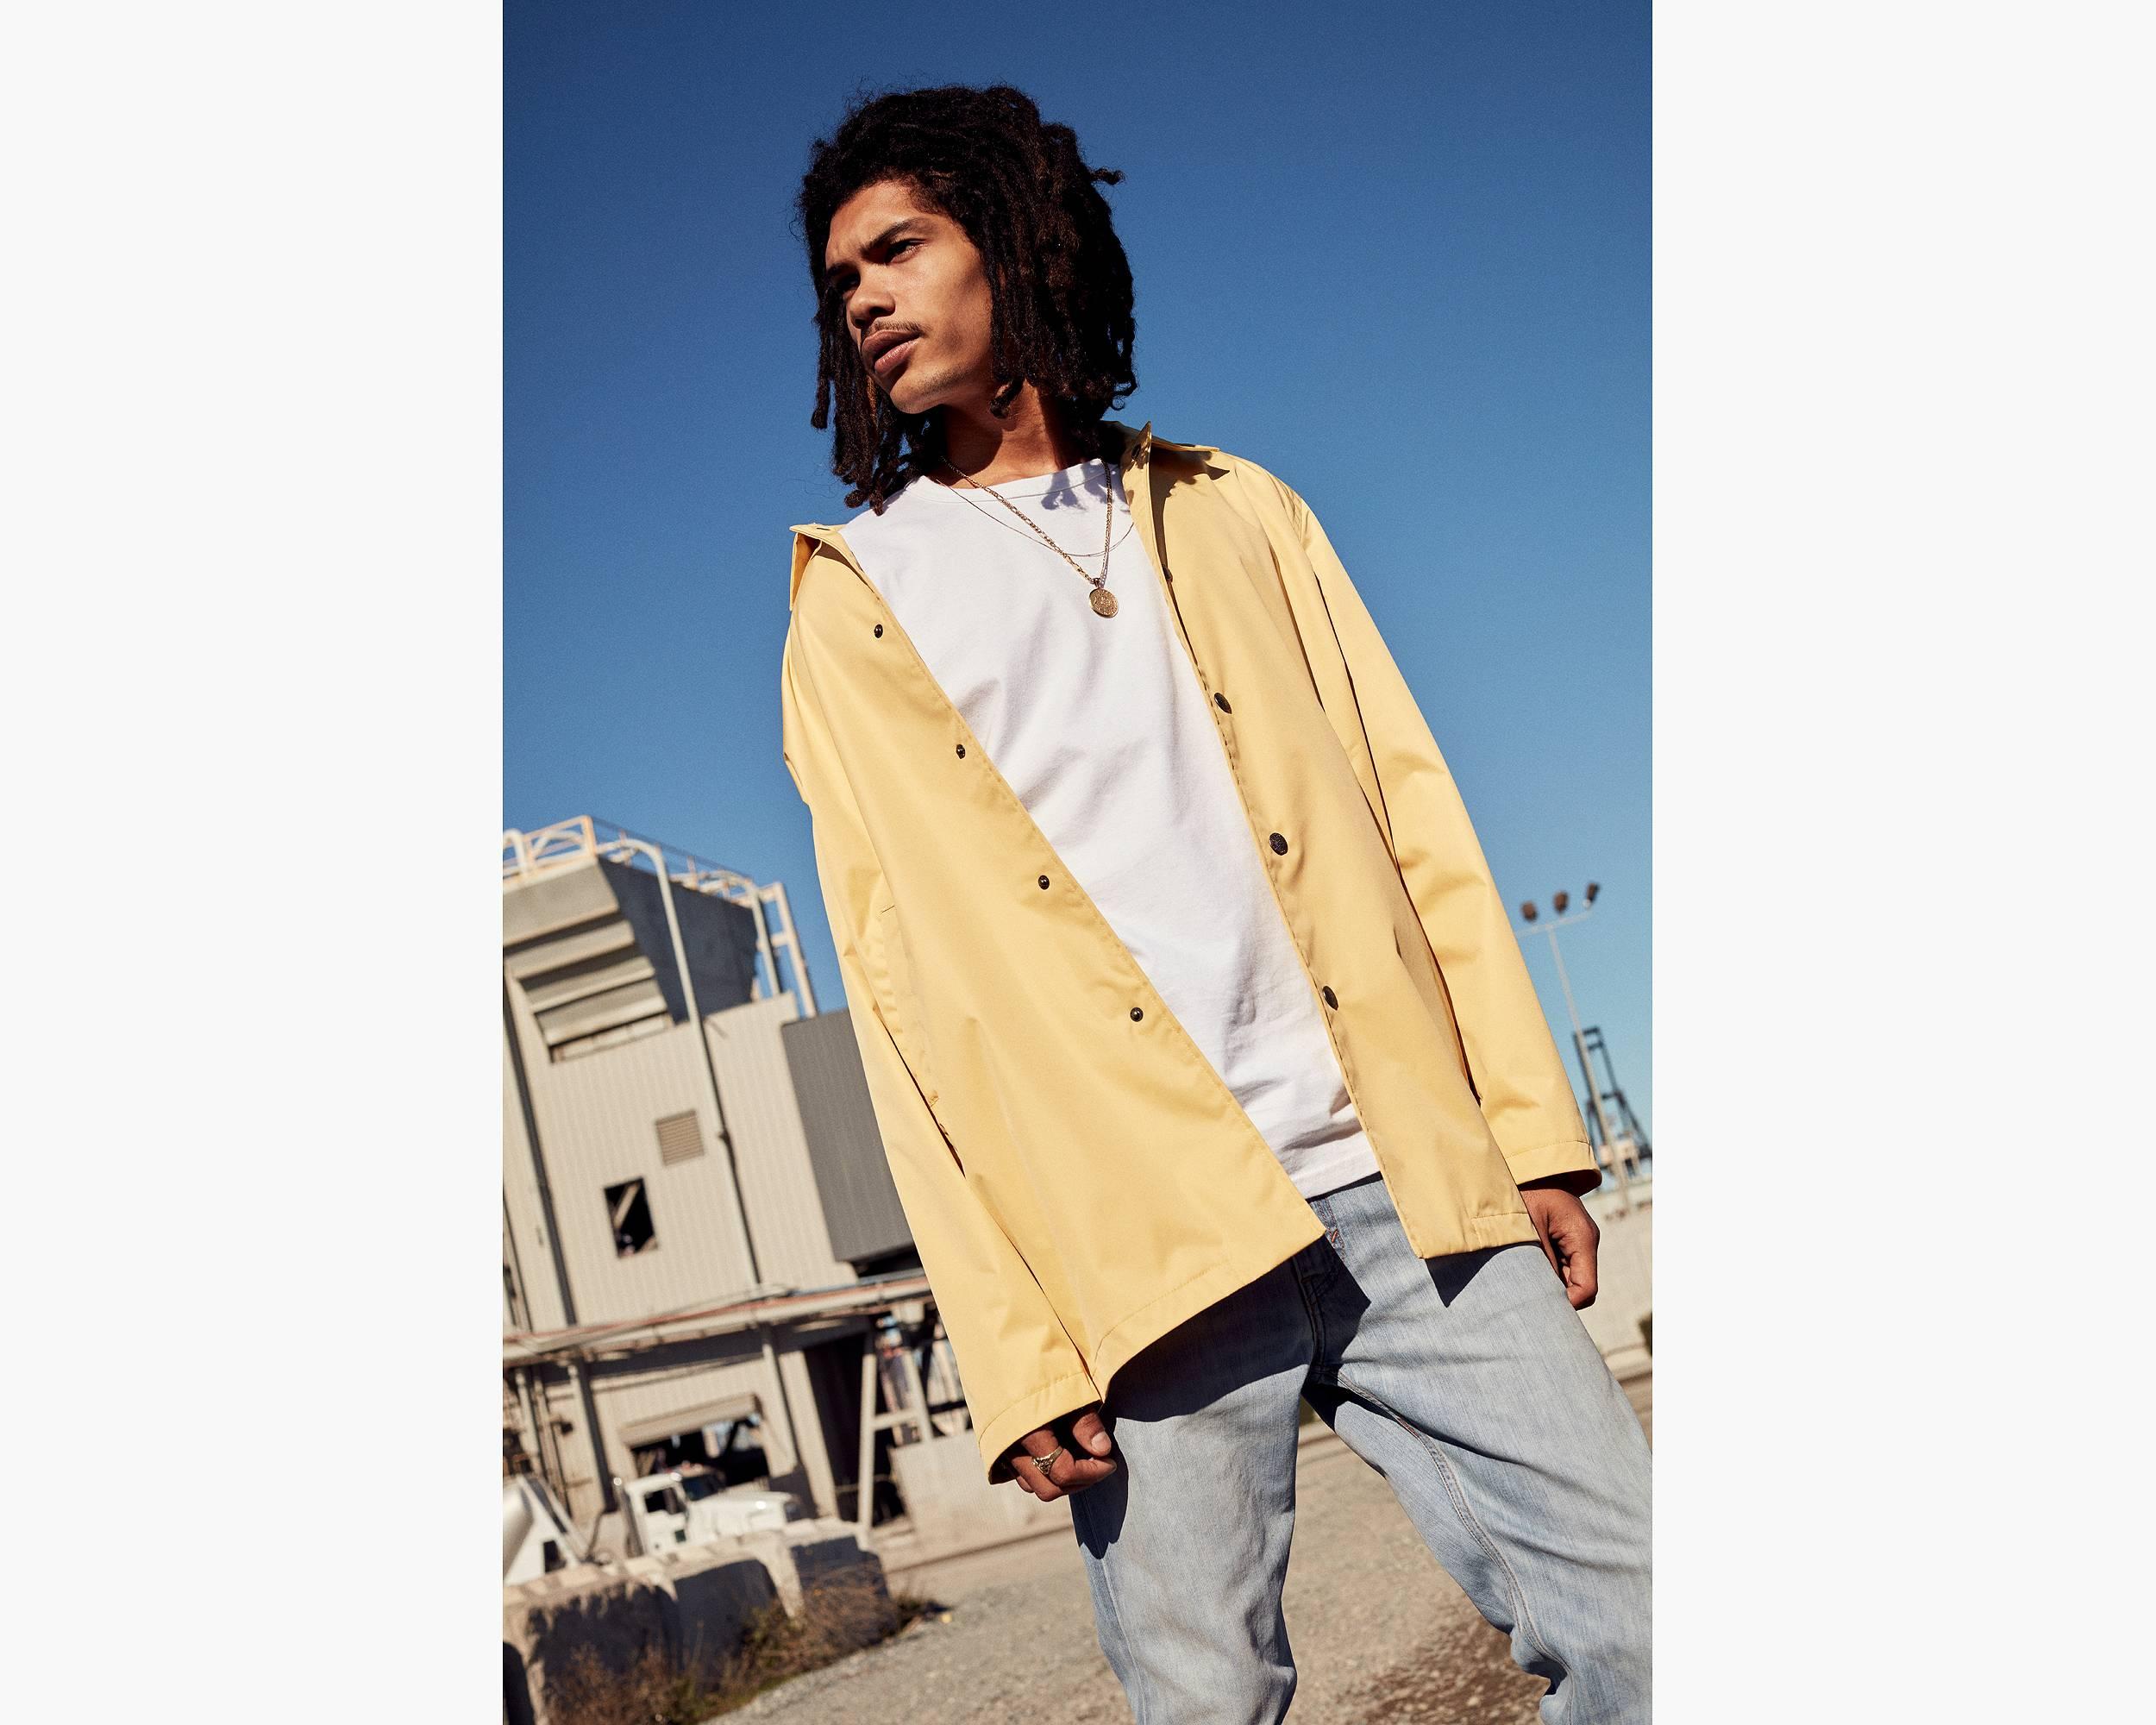 Jackets, Lightweightjackets, Jeanjacketsandtruckers, Coats | Sale ...